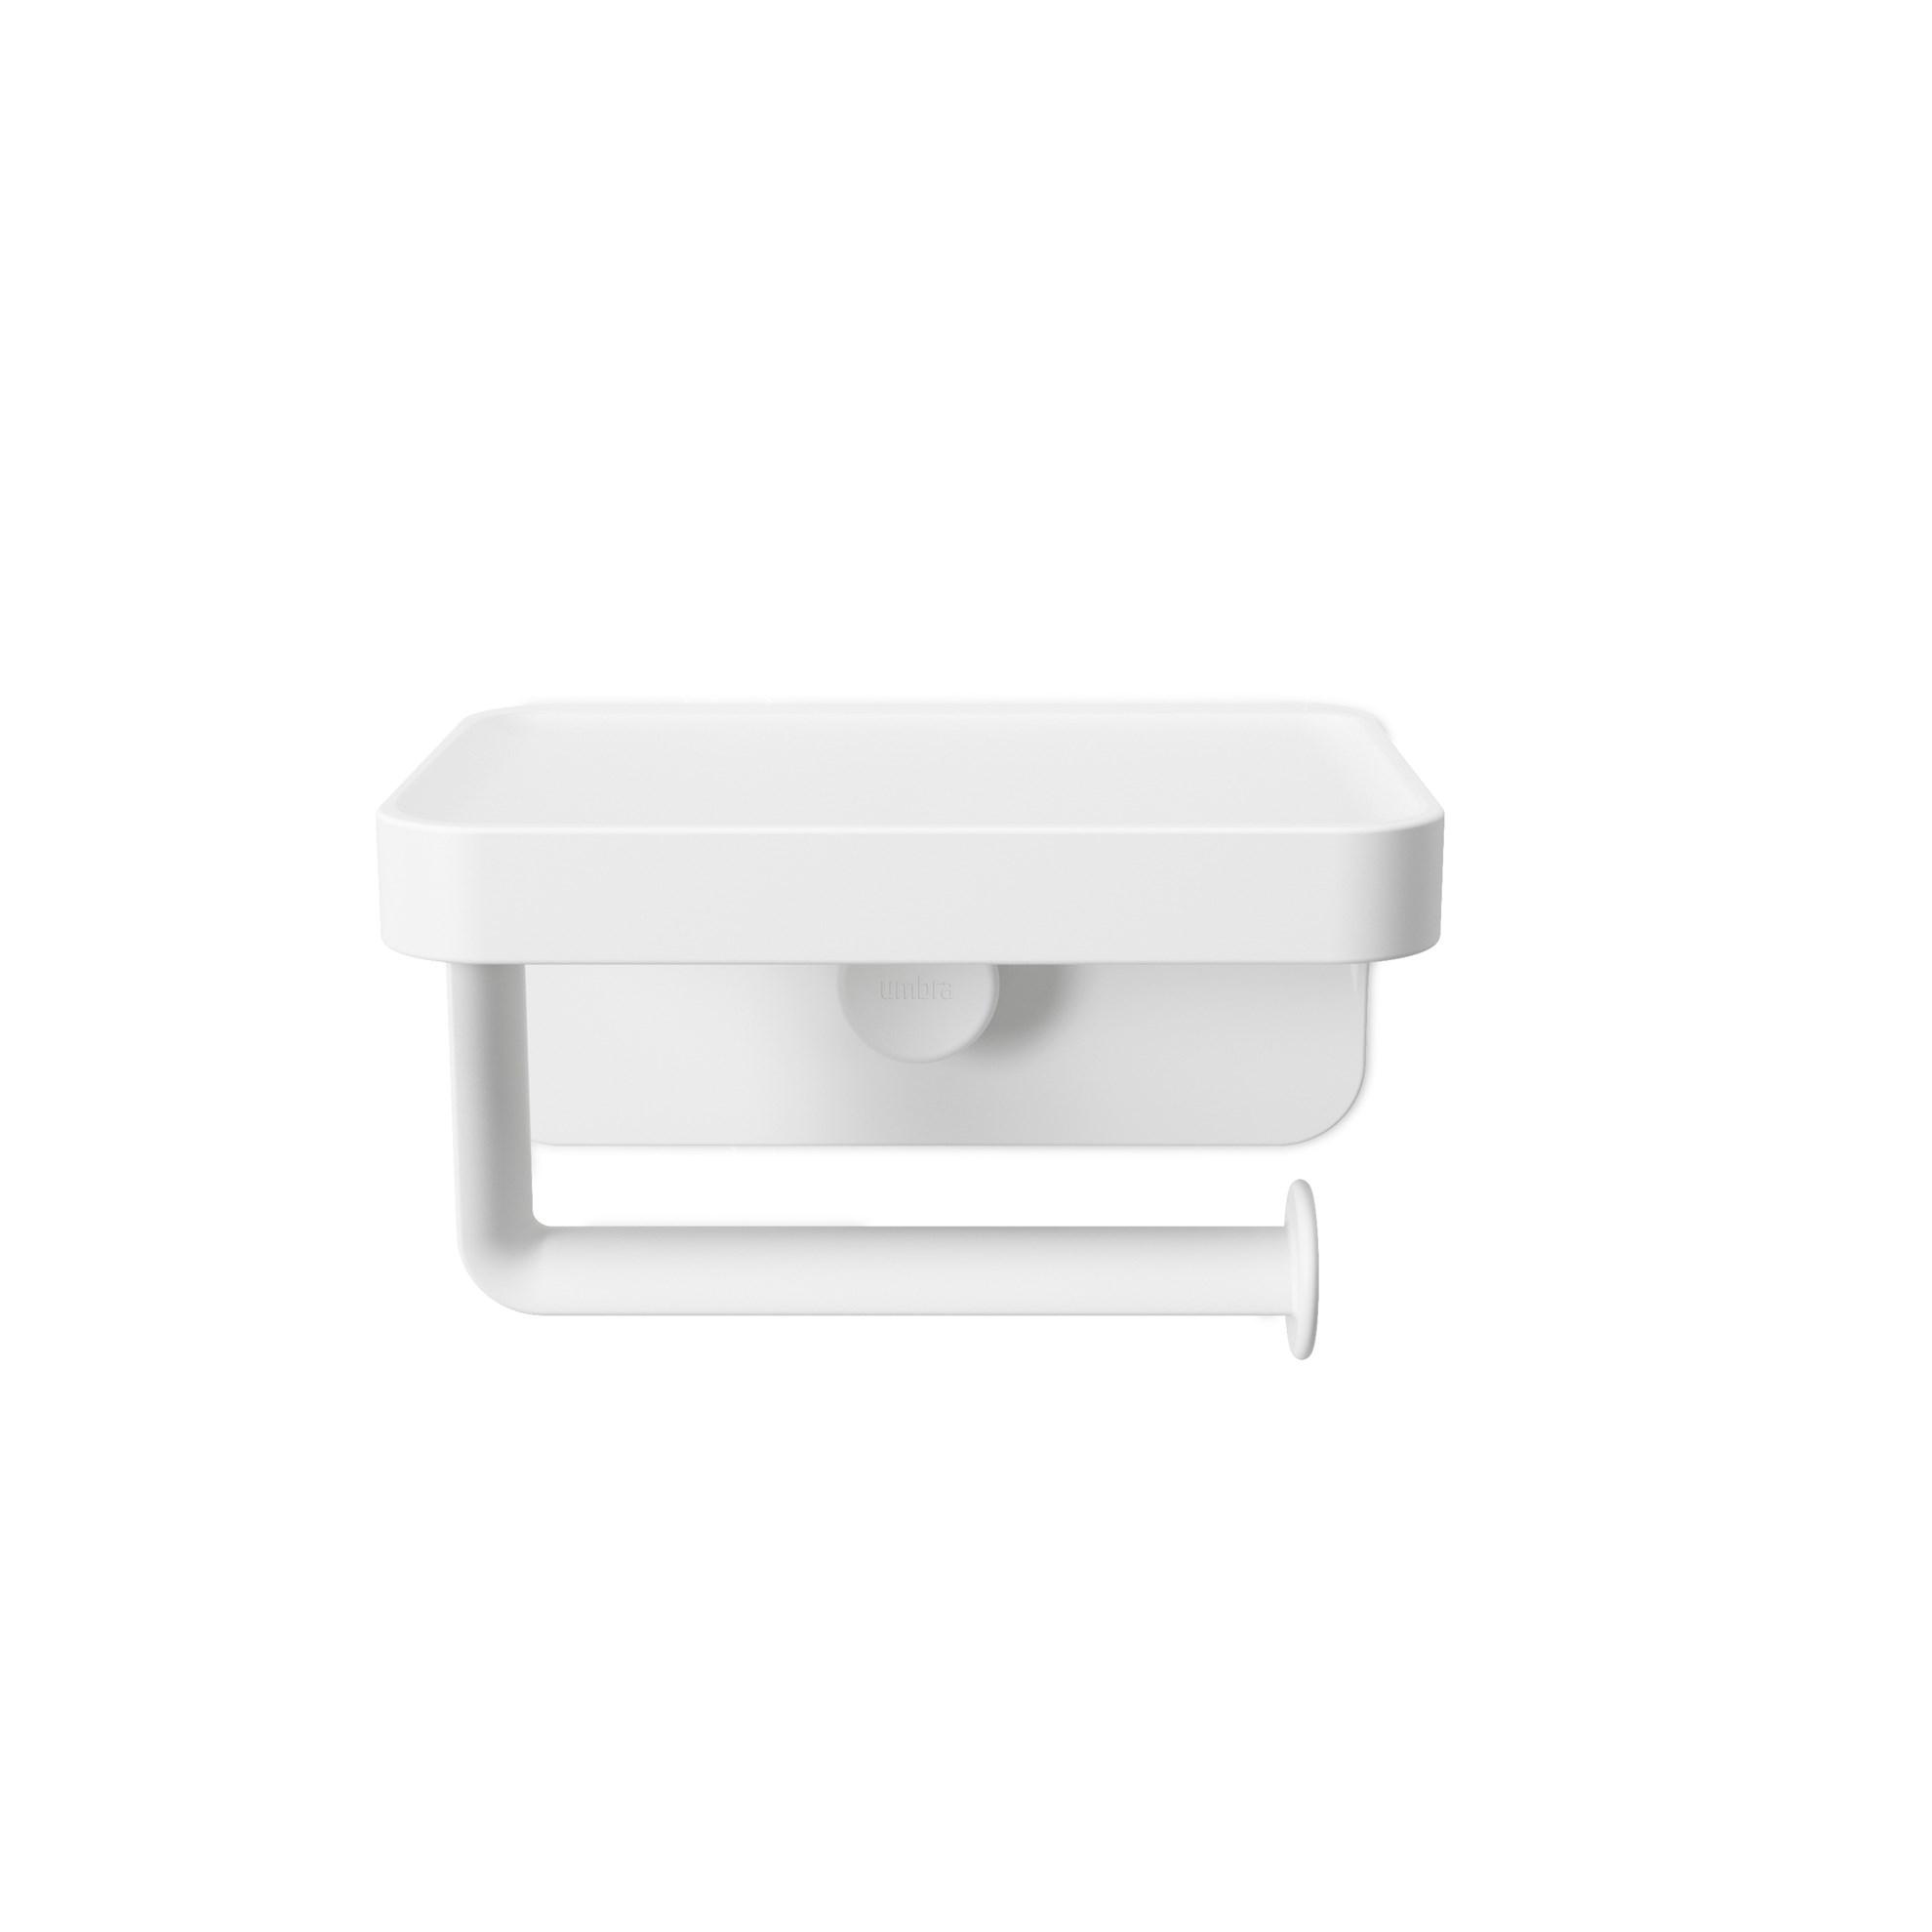 Držák na toaletní papír FLEX bílý_0